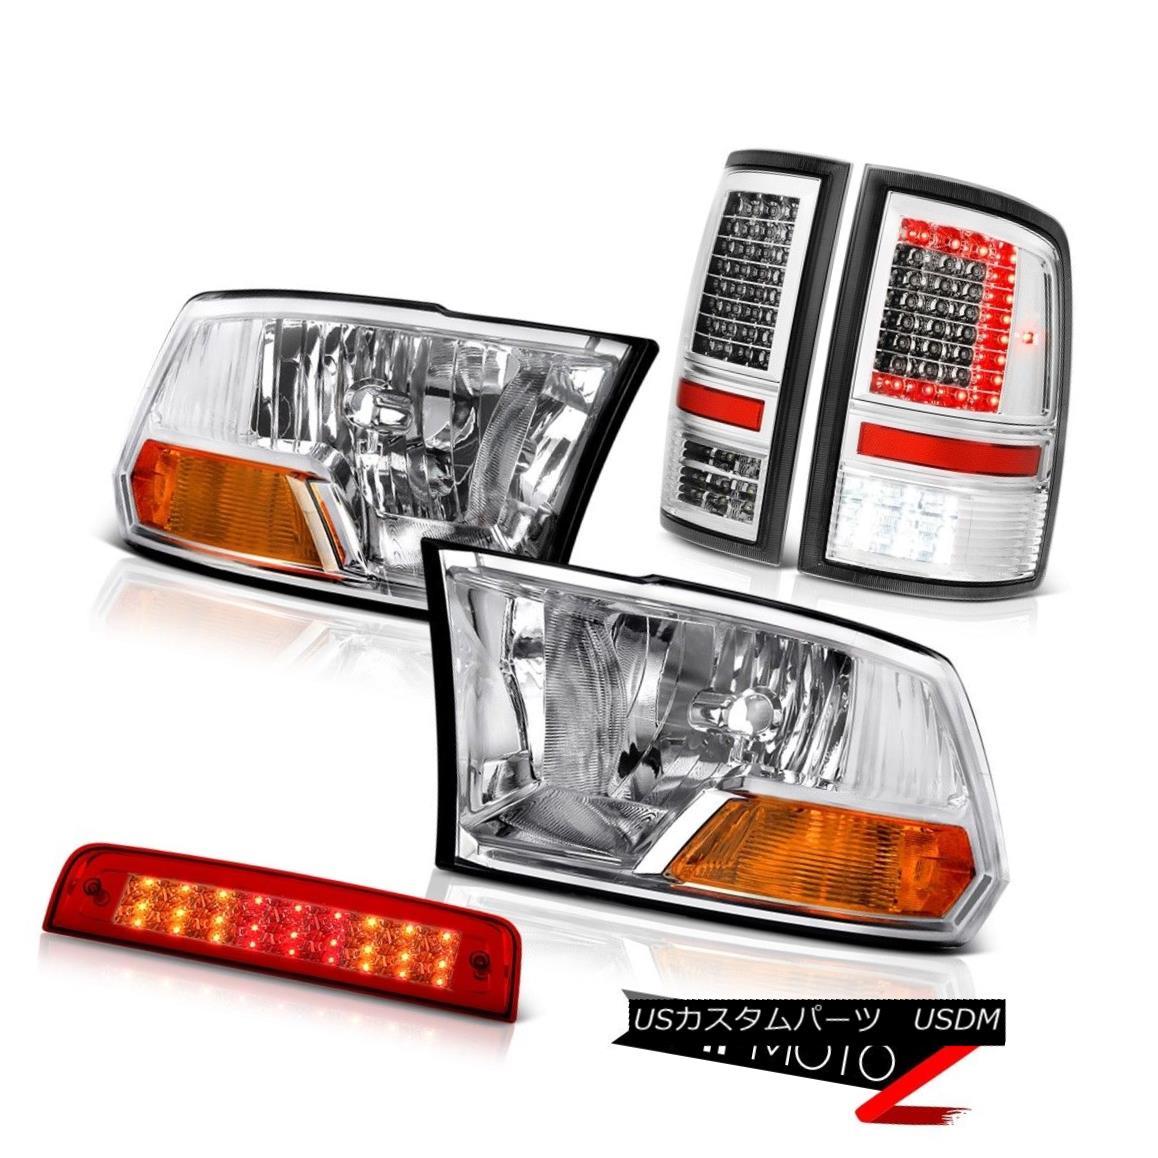 テールライト 10 12 13 14 15 16-18 Dodge RAM 2500 Tail Lights 3rd Brake Factory Style Headlamp 10 12 13 14 15 16-18 Dodge RAM 2500テールライト3rdブレーキ工場スタイルヘッドライト